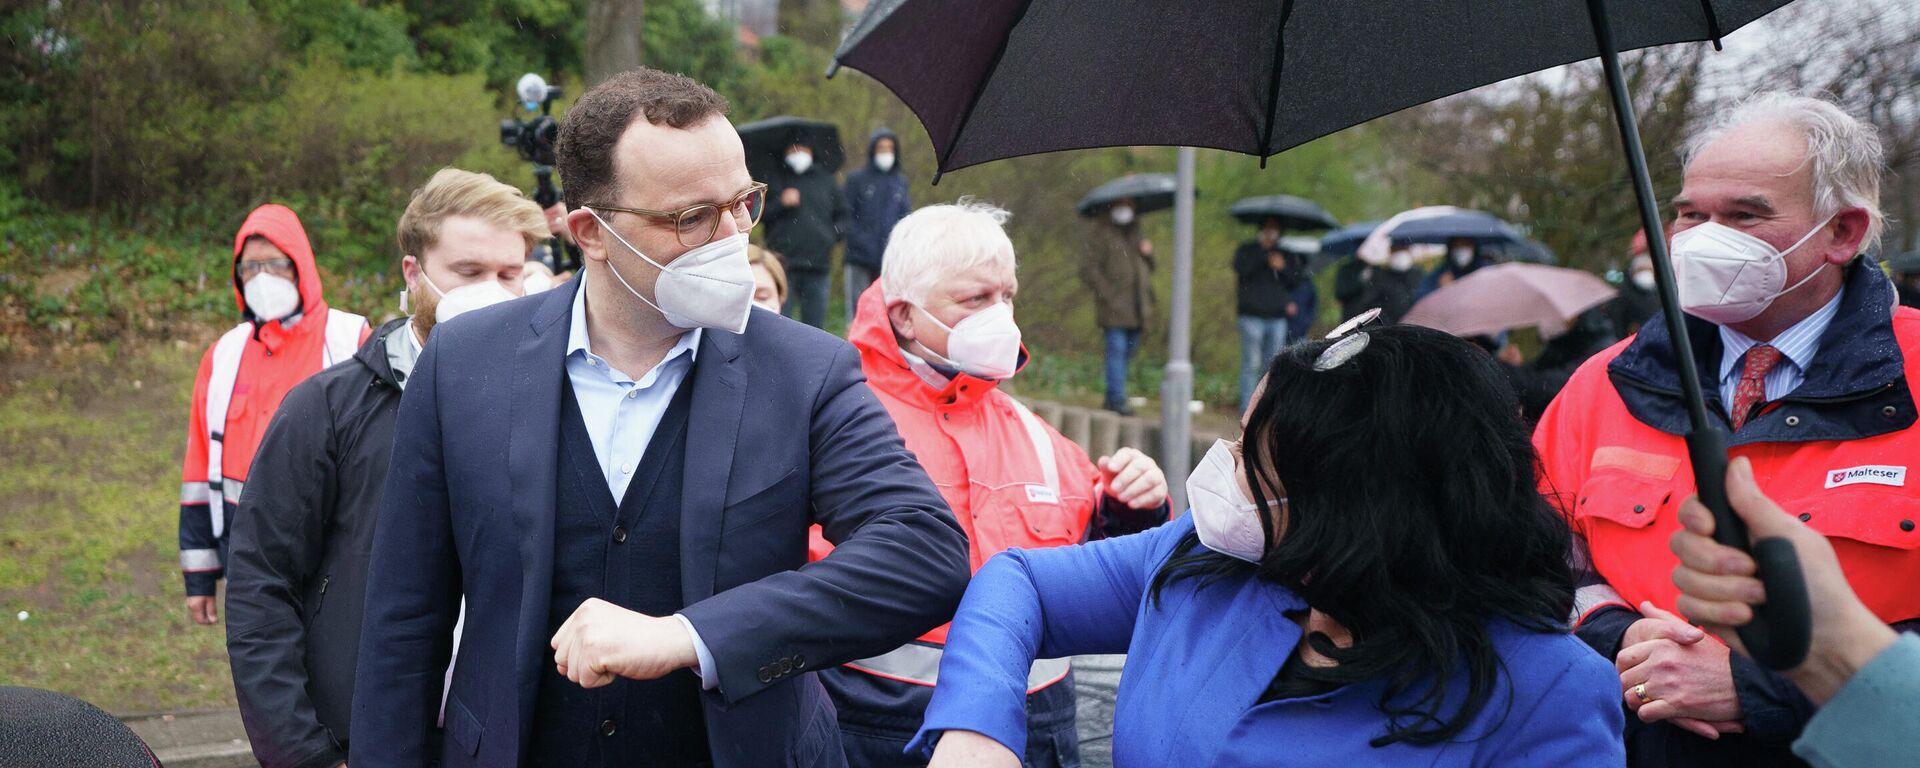 Bundesgesundheitsminister Jens Spahn begrüßt den Berliner Gesundheitssenator Dilek Kalayci vor einem Besuch im Impfzentrum auf dem Berliner Messegelände am 5. April 2021. - SNA, 1920, 06.04.2021